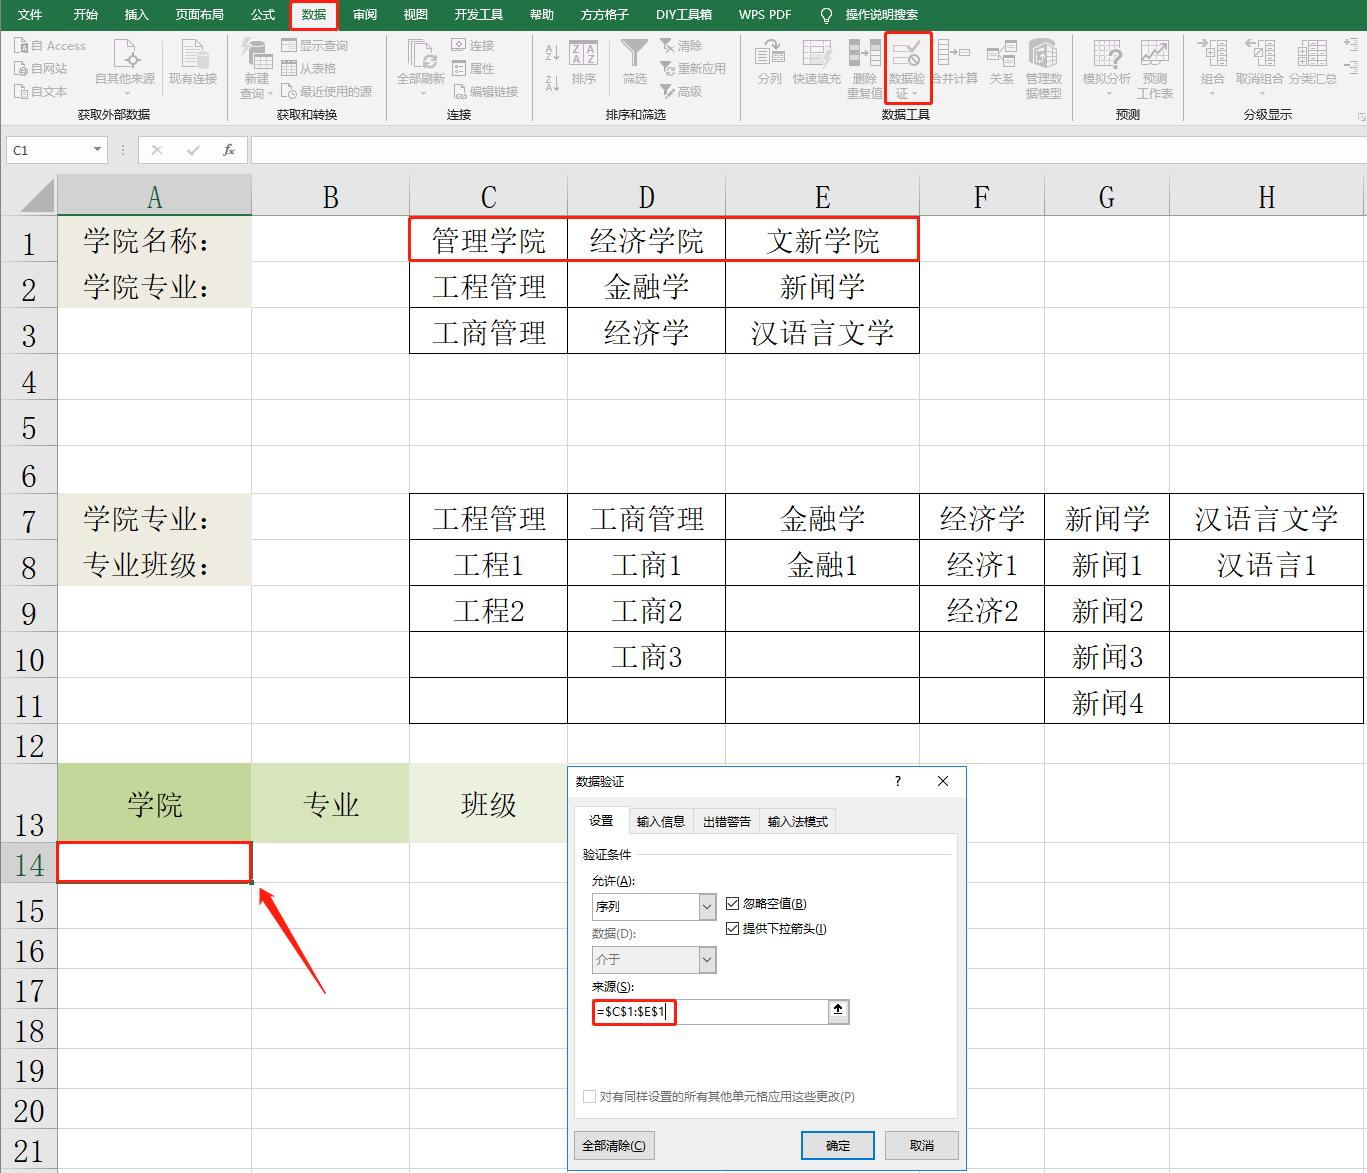 超实用EXCEL三级下拉菜单制作,层层递进快速选择,制作相当简单